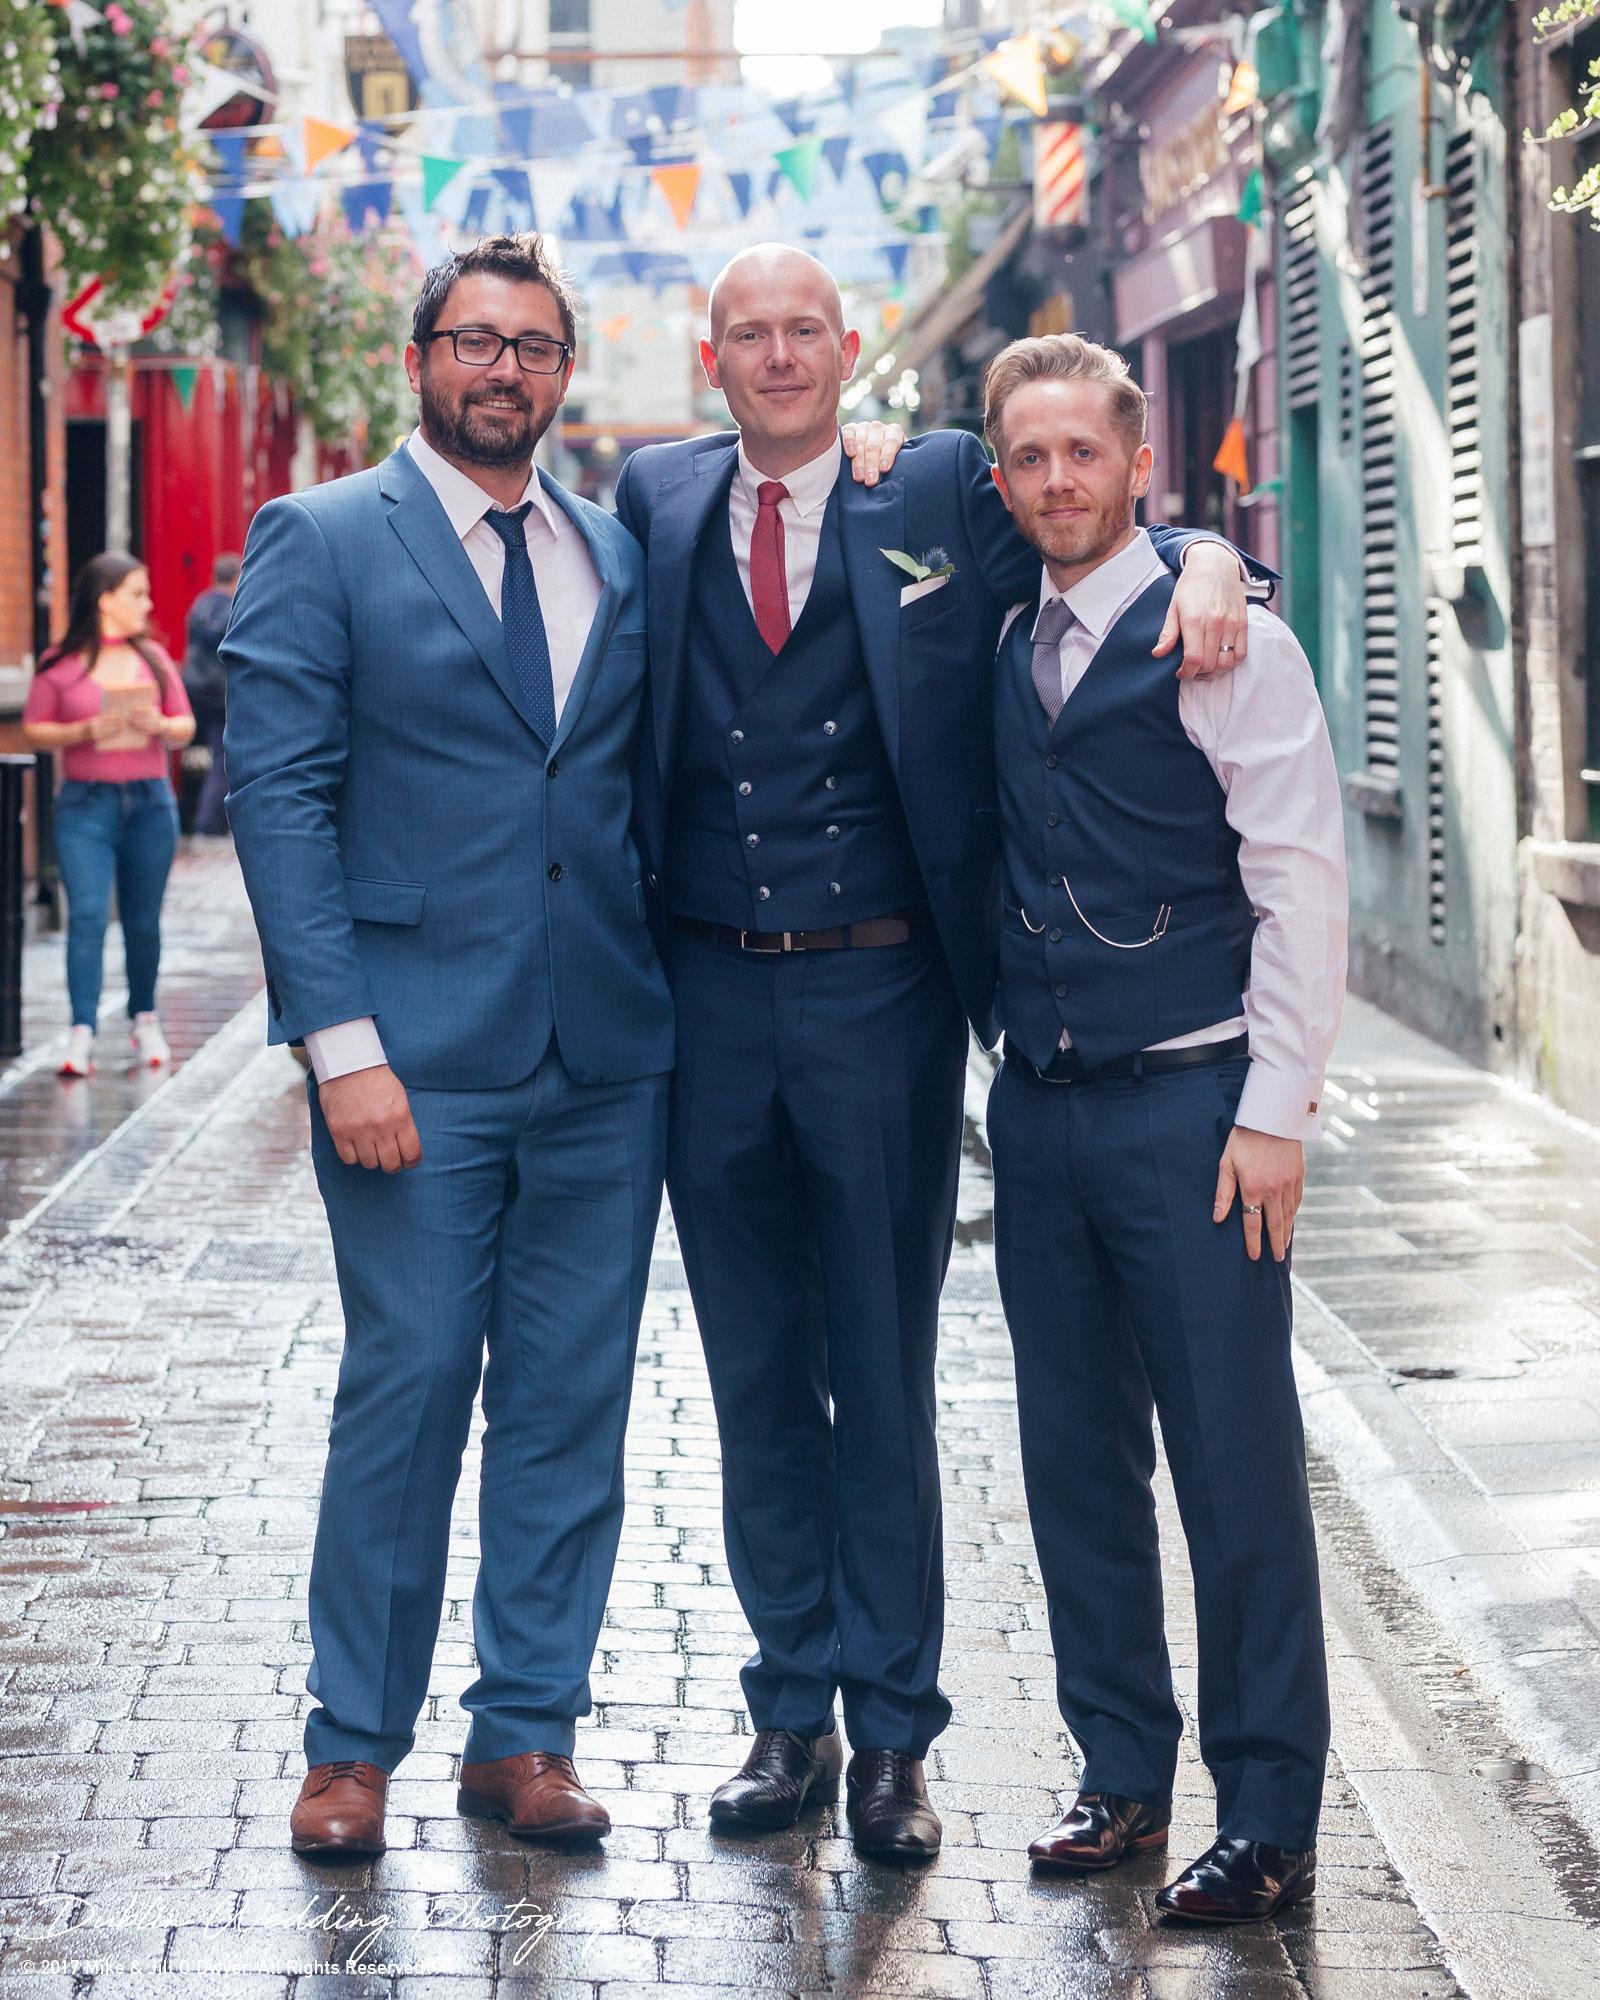 Dublin Wedding Photographer City Streets 083